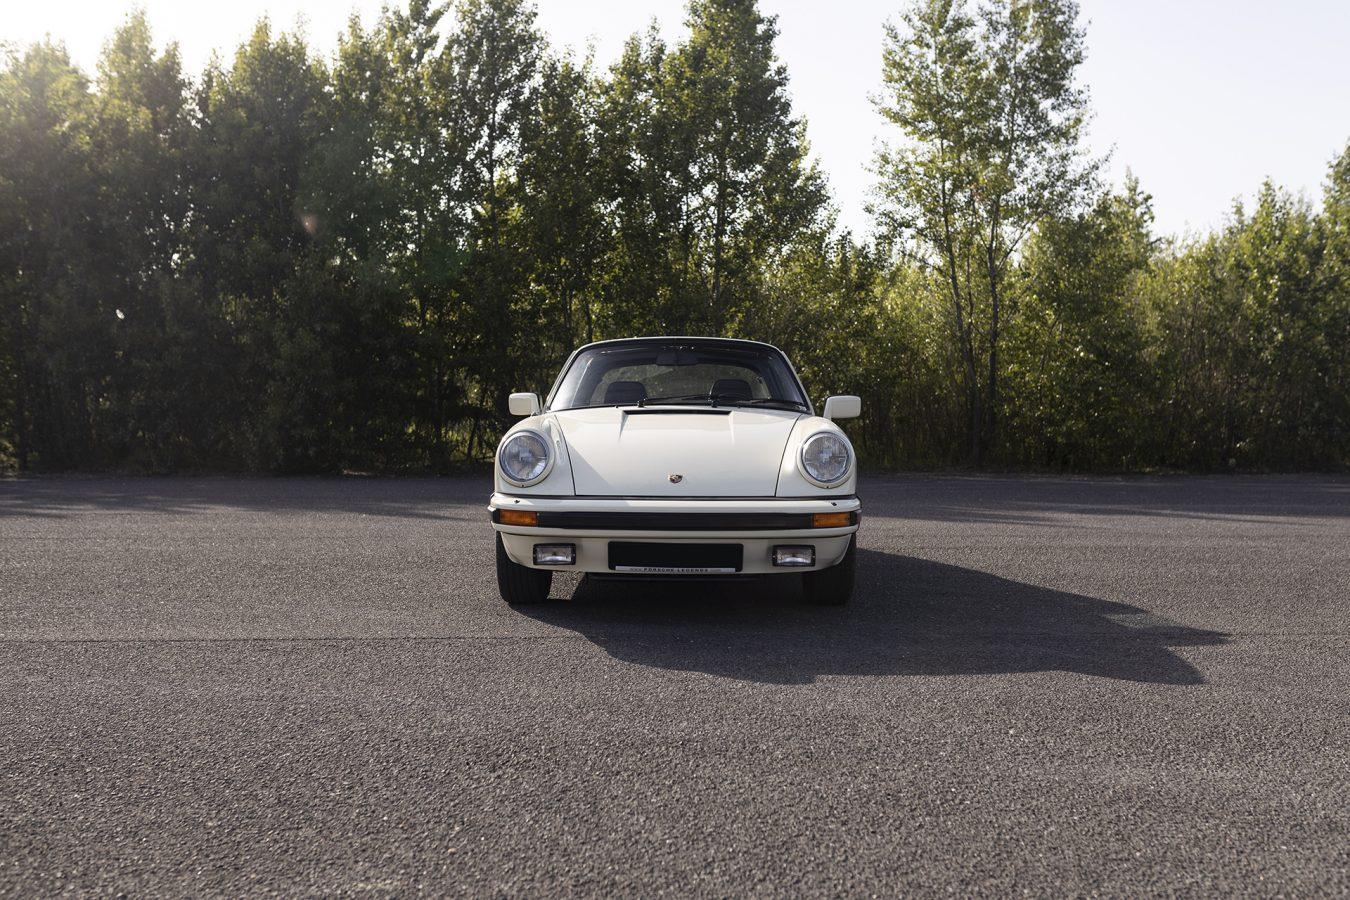 Chiffon Weisser Porsche 5